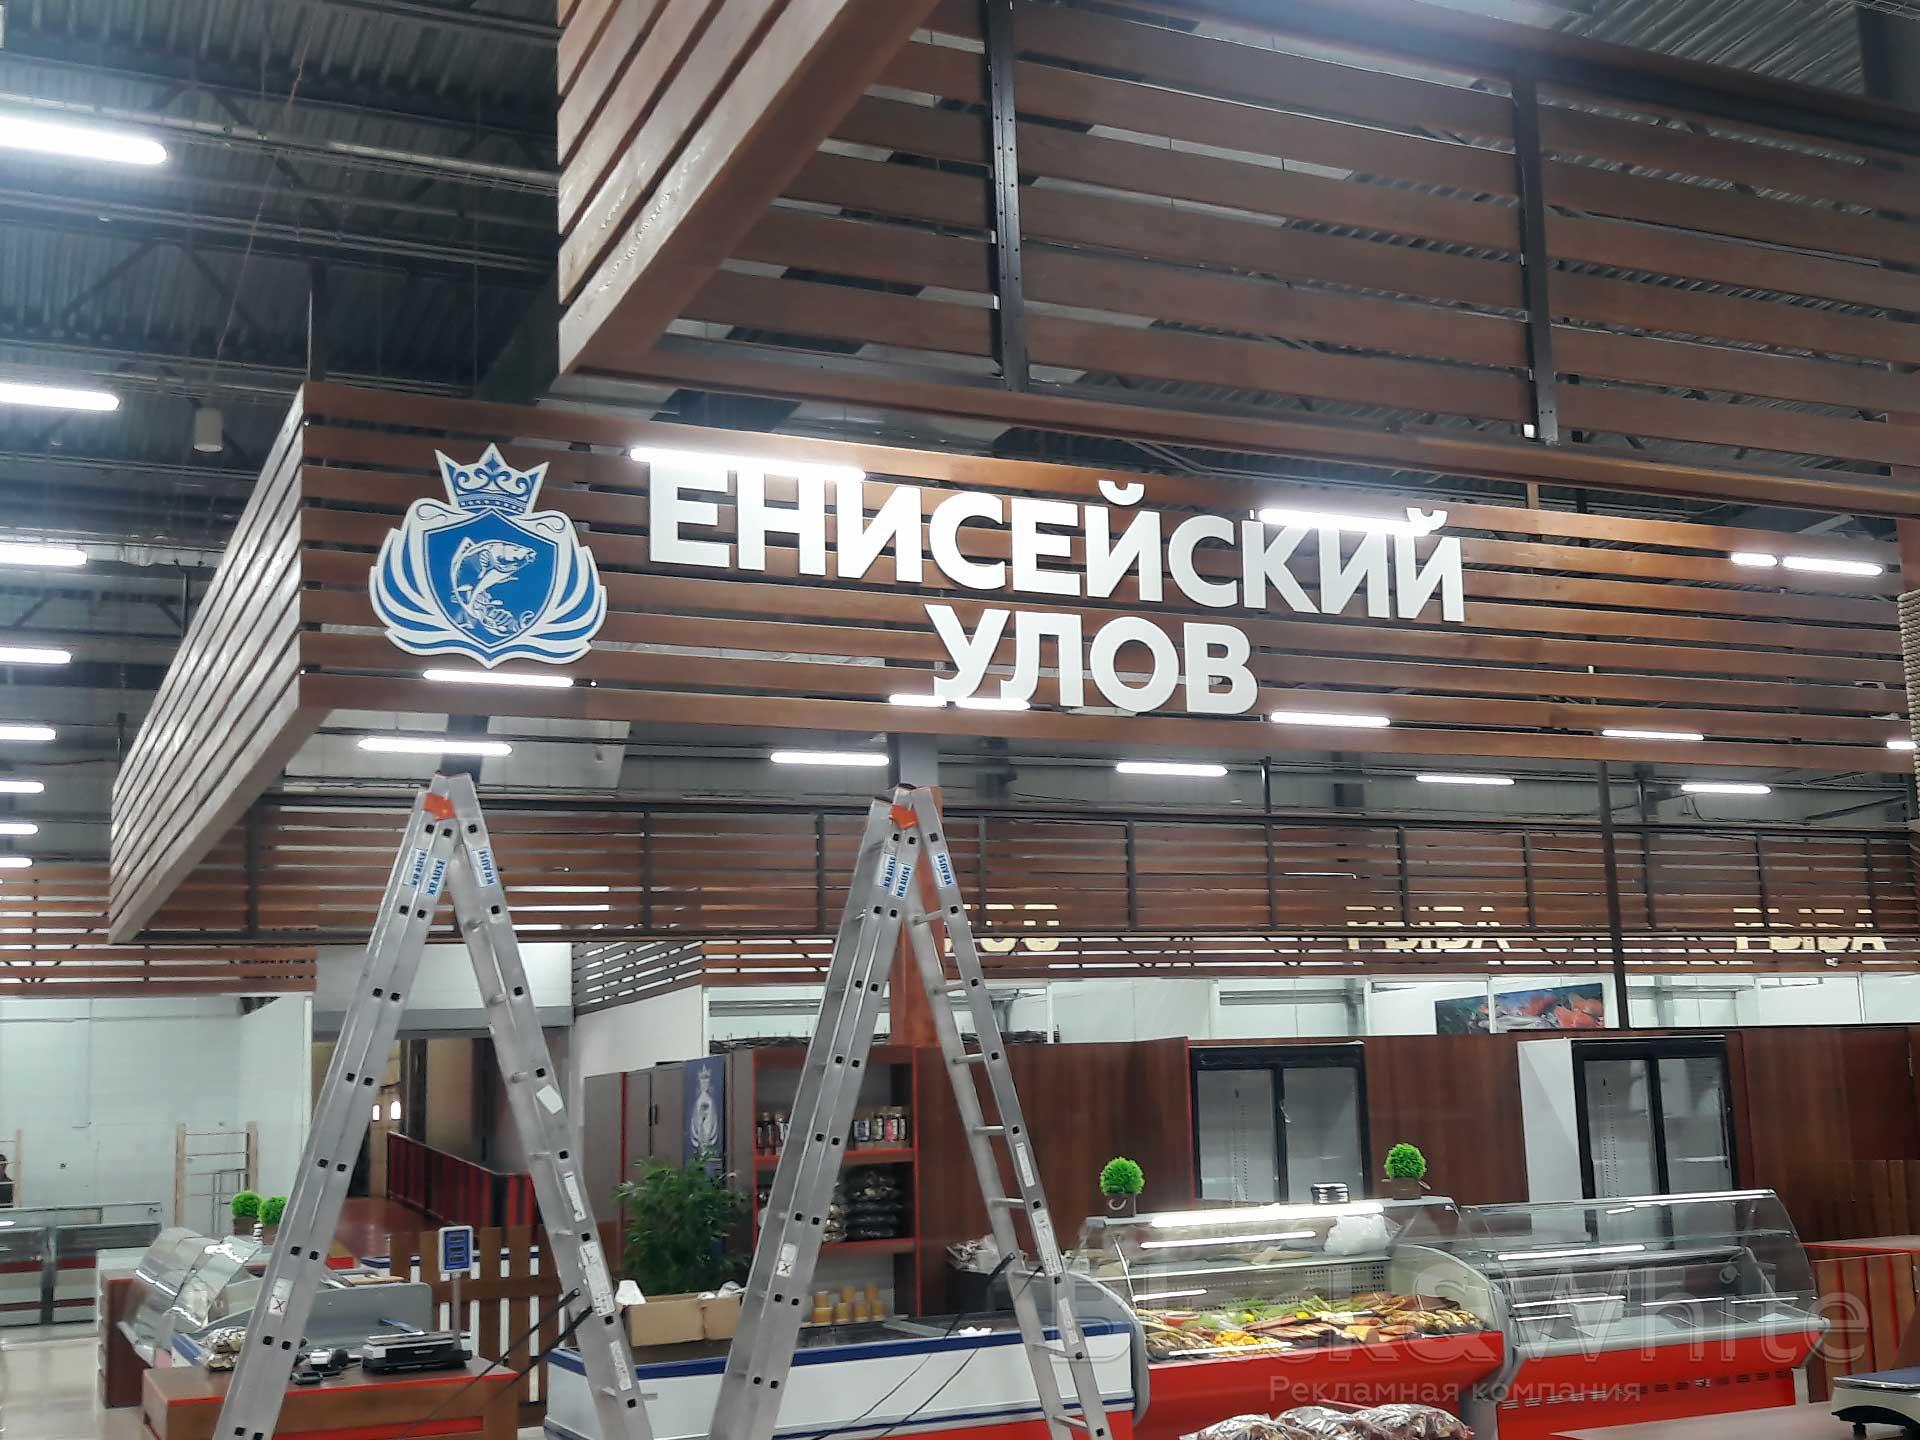 Плоские-псевдообъемные-буквы-из-ПВХ-вывеска-из-дерева-в-Красноярске-bw-.jpg